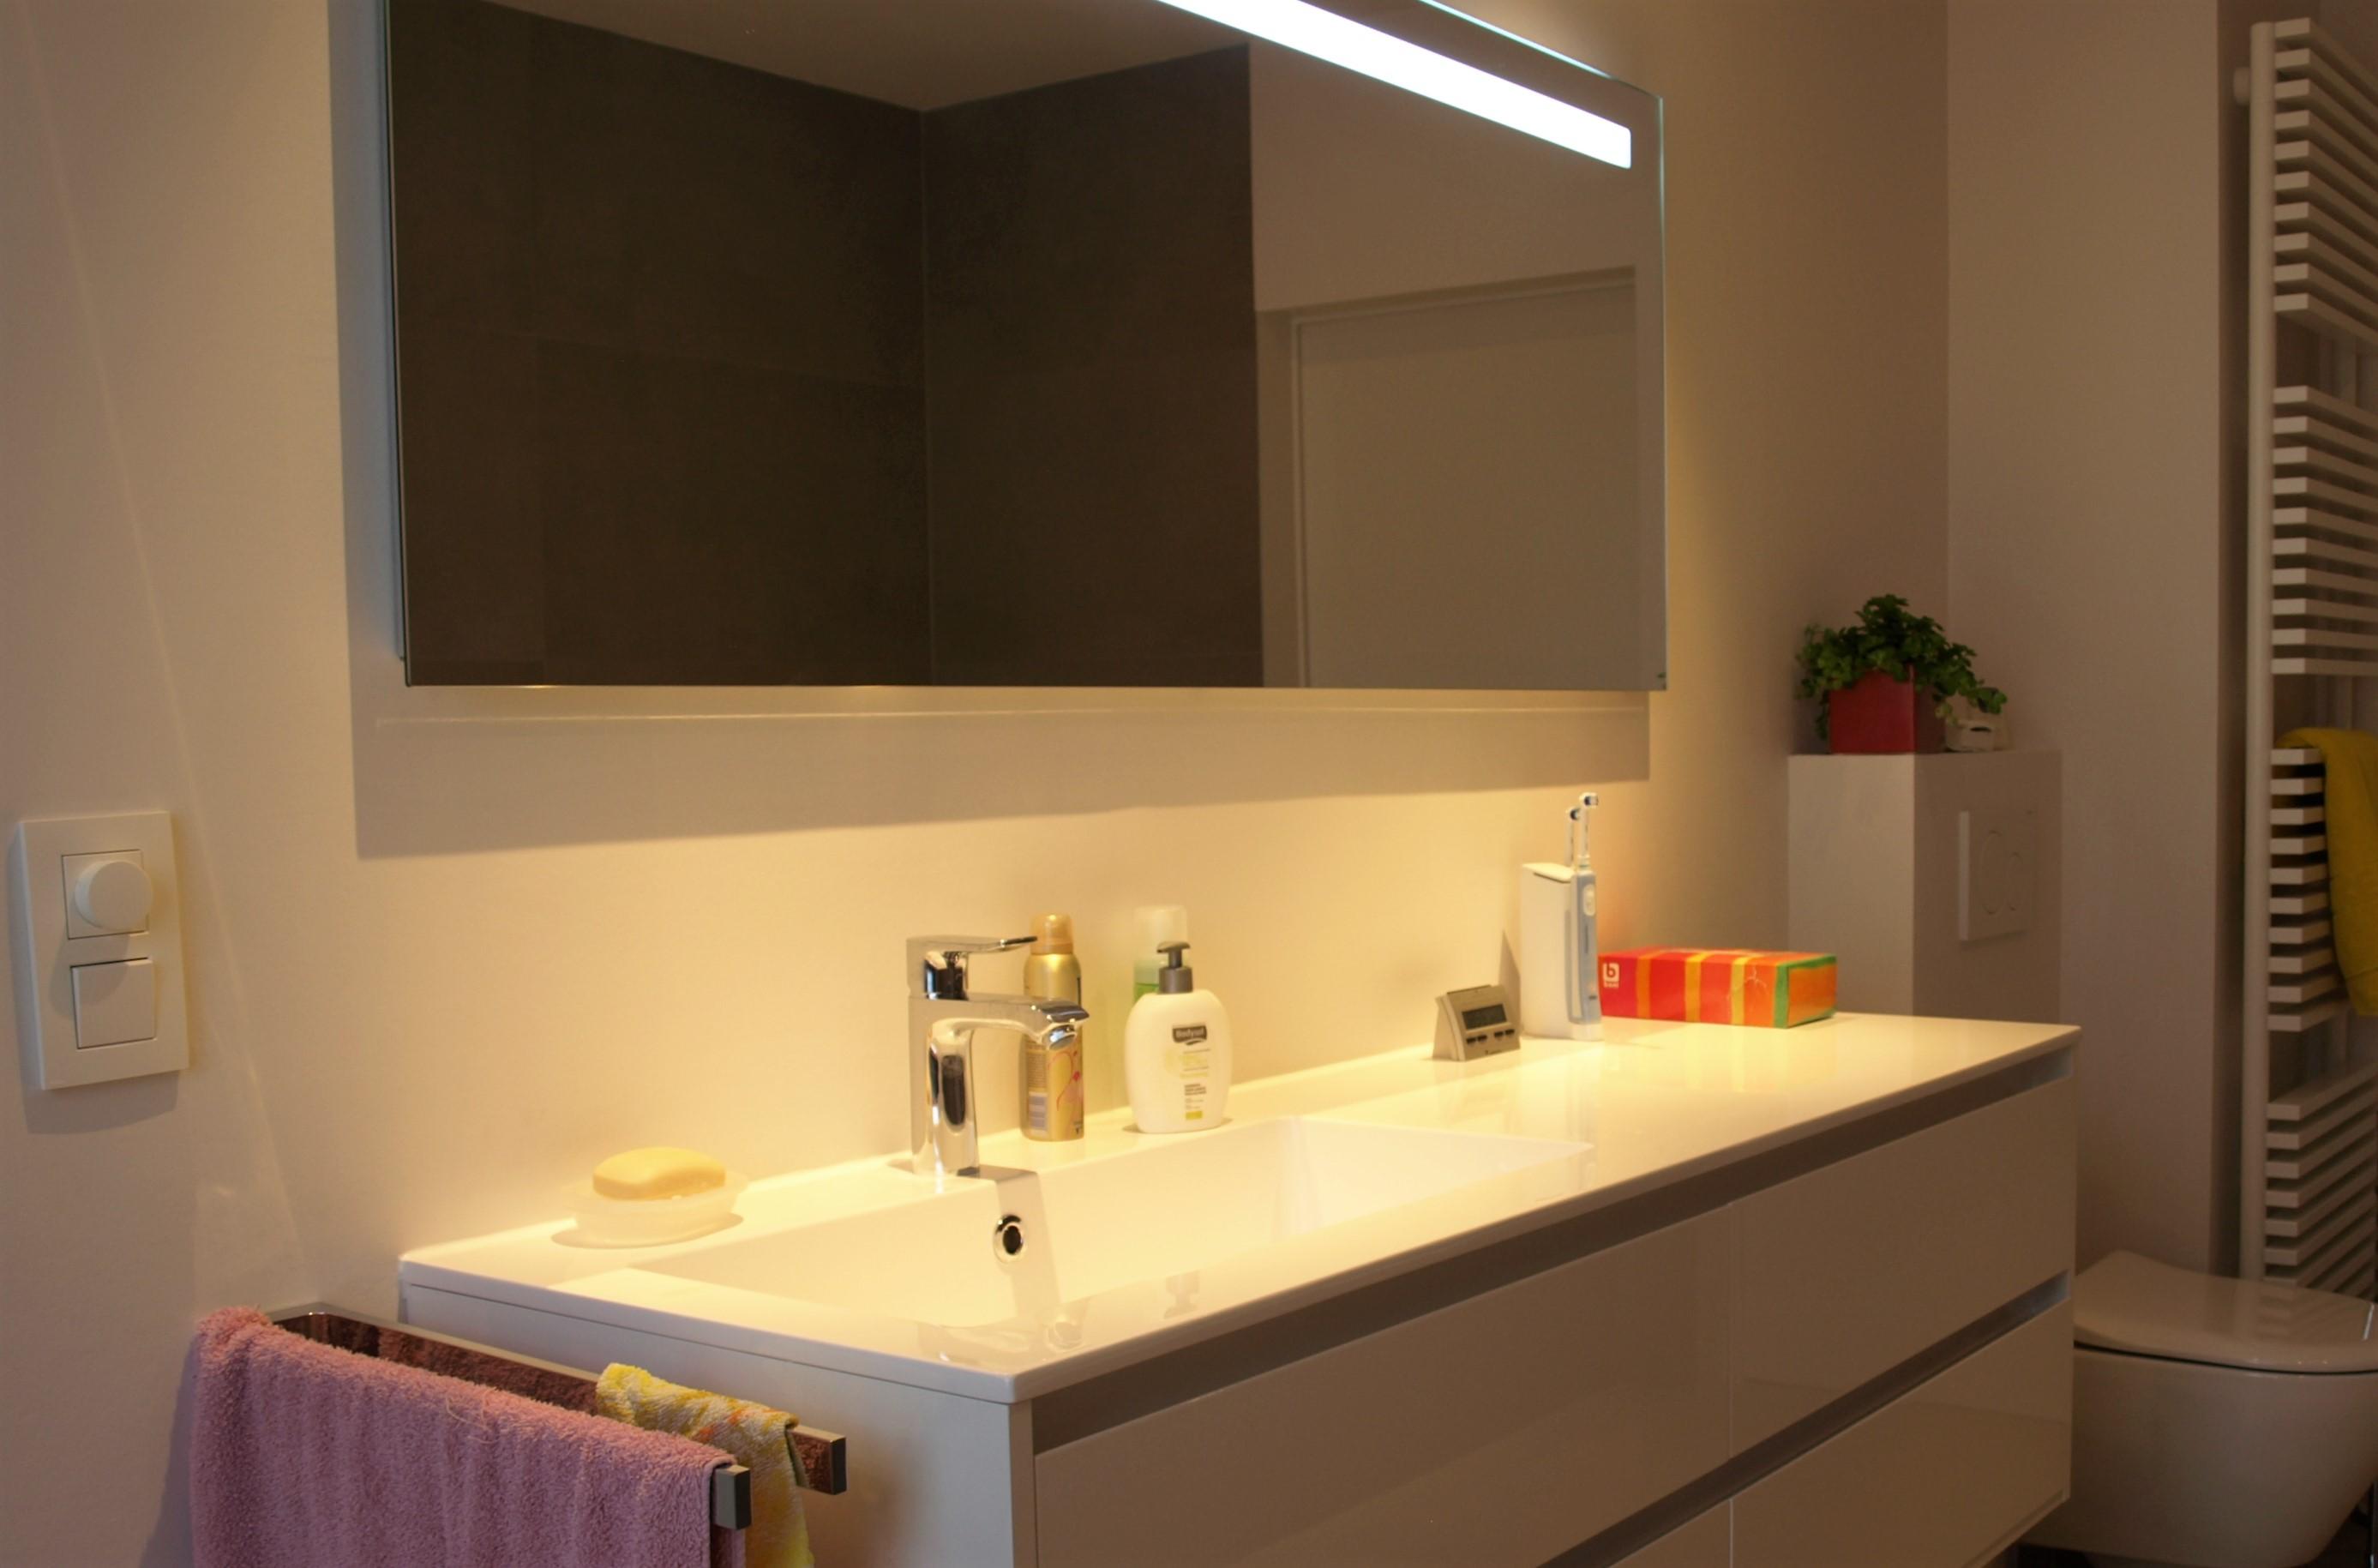 Badkamer Renoveren Douche : Badkamer renovatie met bad en douche filip lagrou